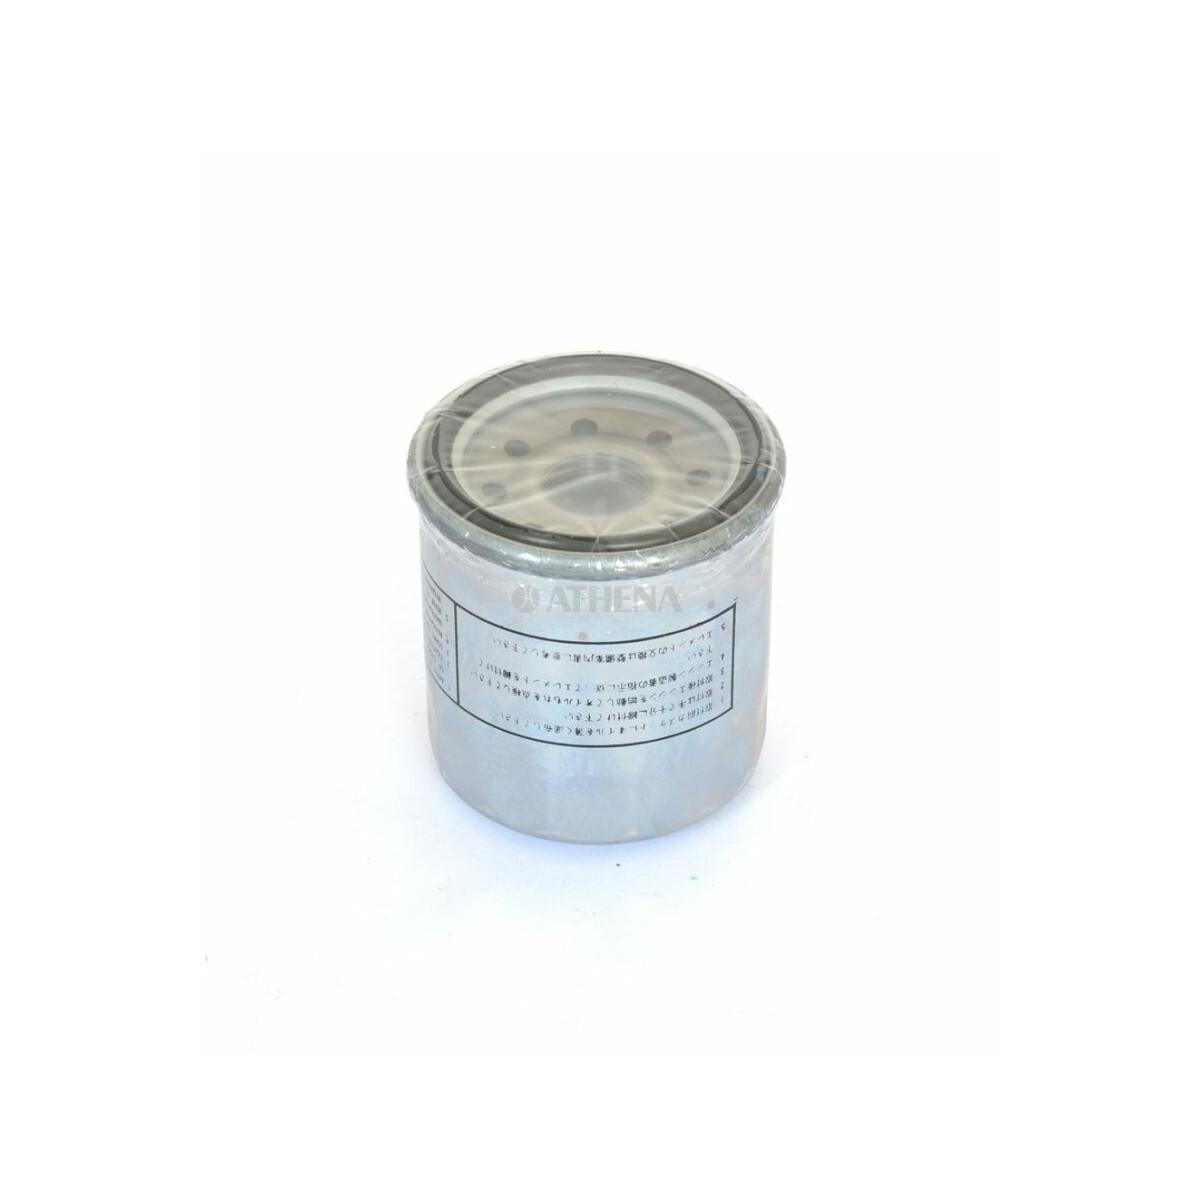 /Ölfilter K/&N KN303 f/ür Kawasaki VN 900 B CLASSIC